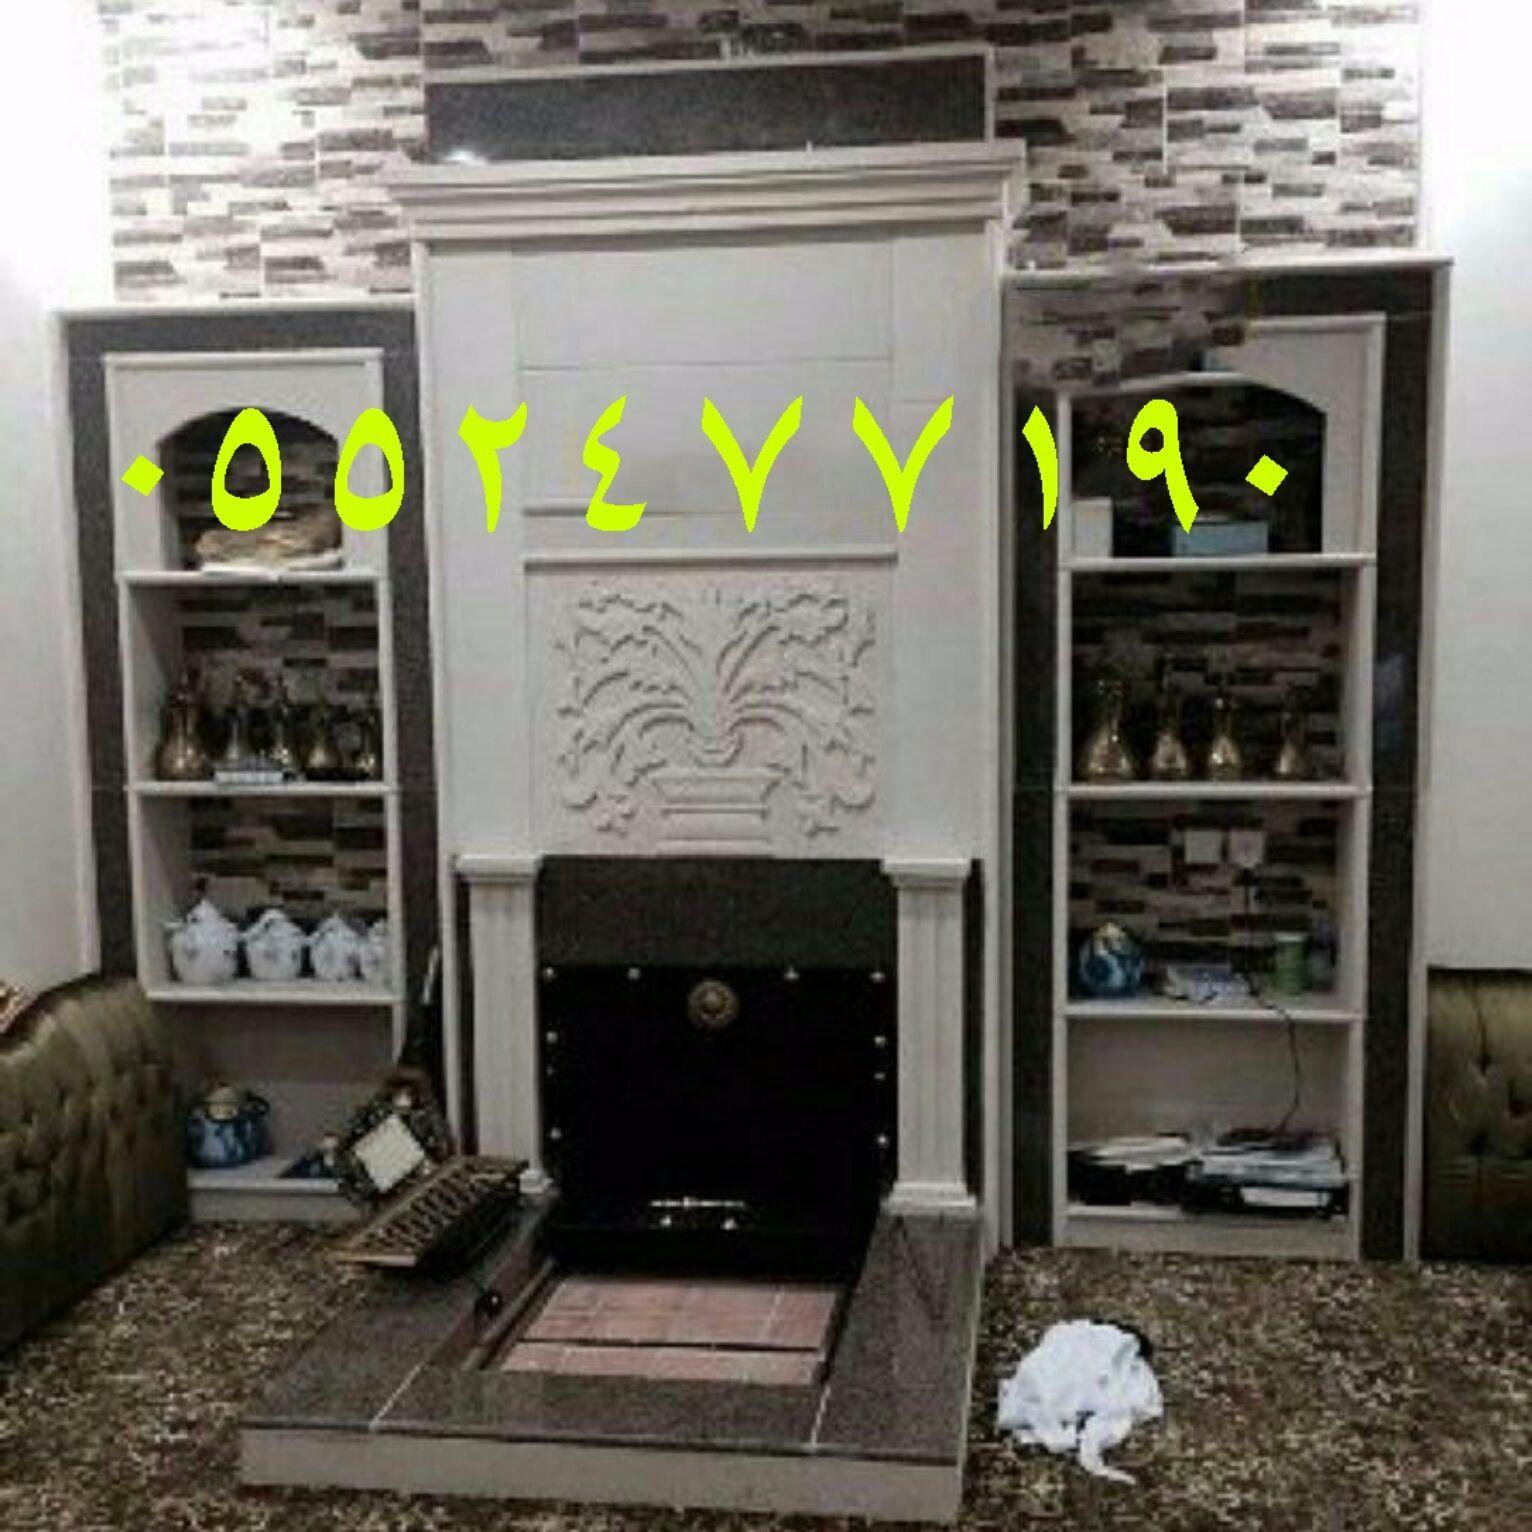 ديكورات مشبات مودرن Home Decor Decor Fireplace